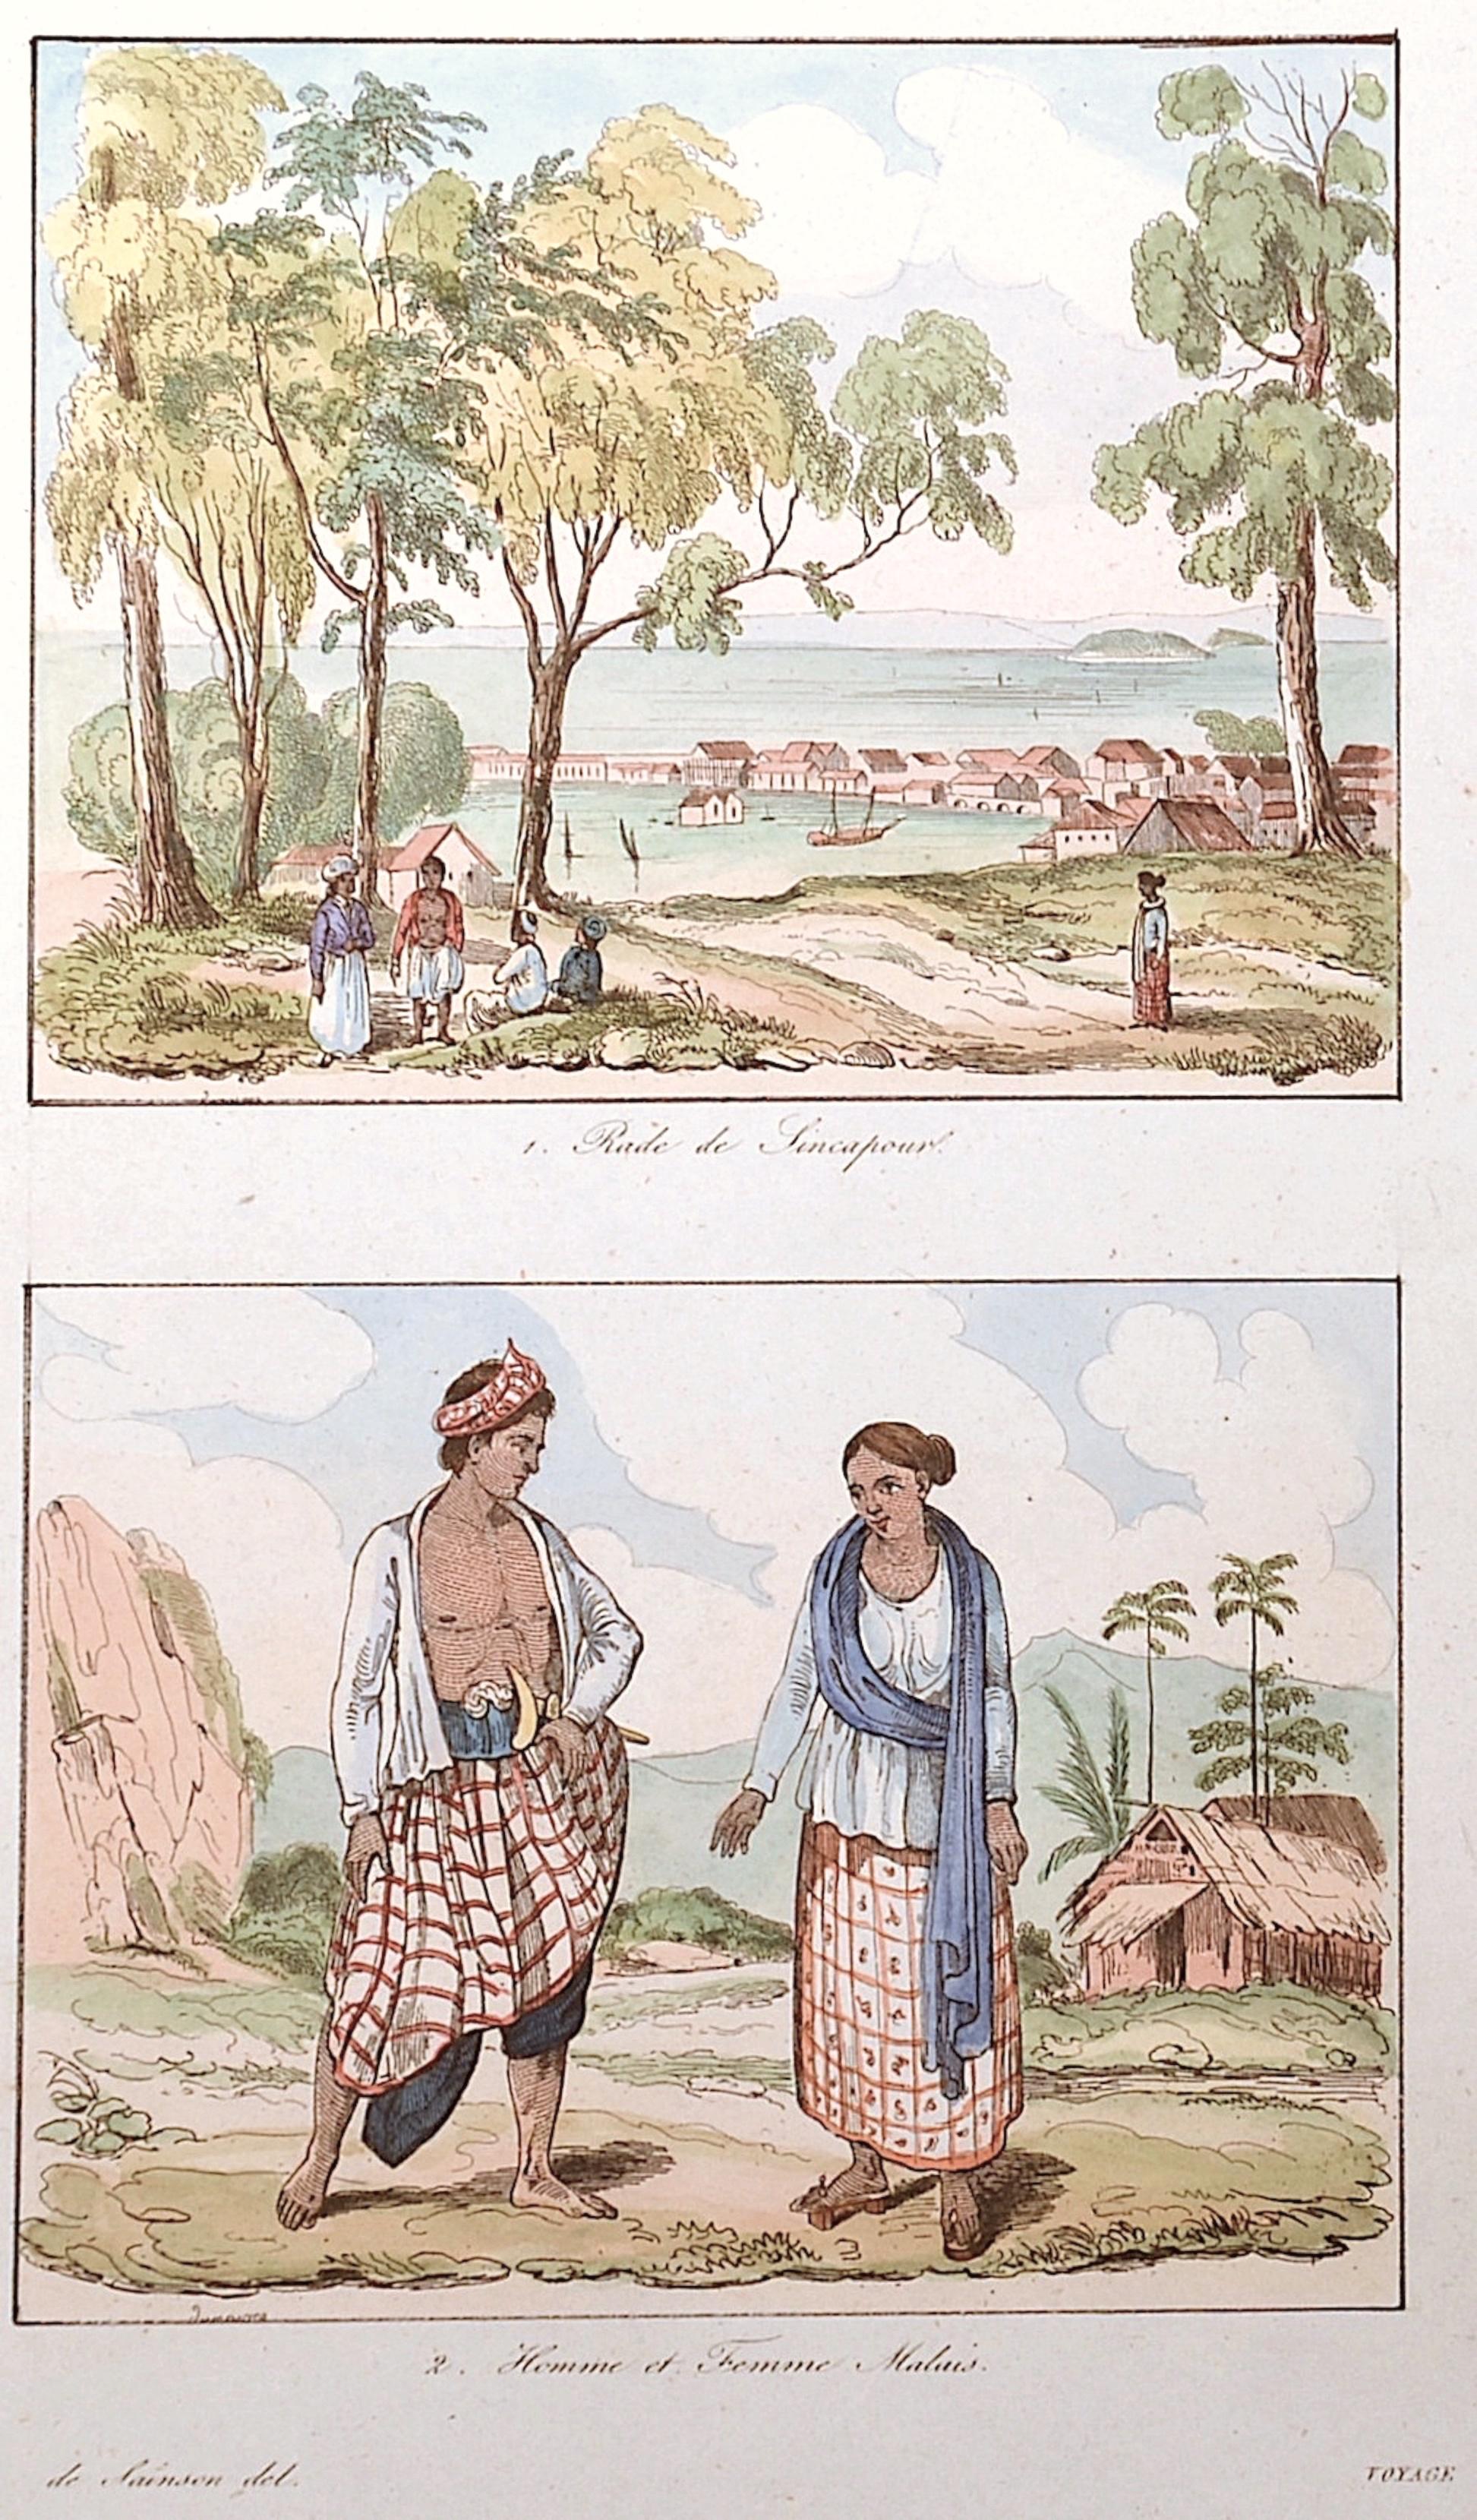 Sainson de  Rade de Sincapour / Homme et femme Malais